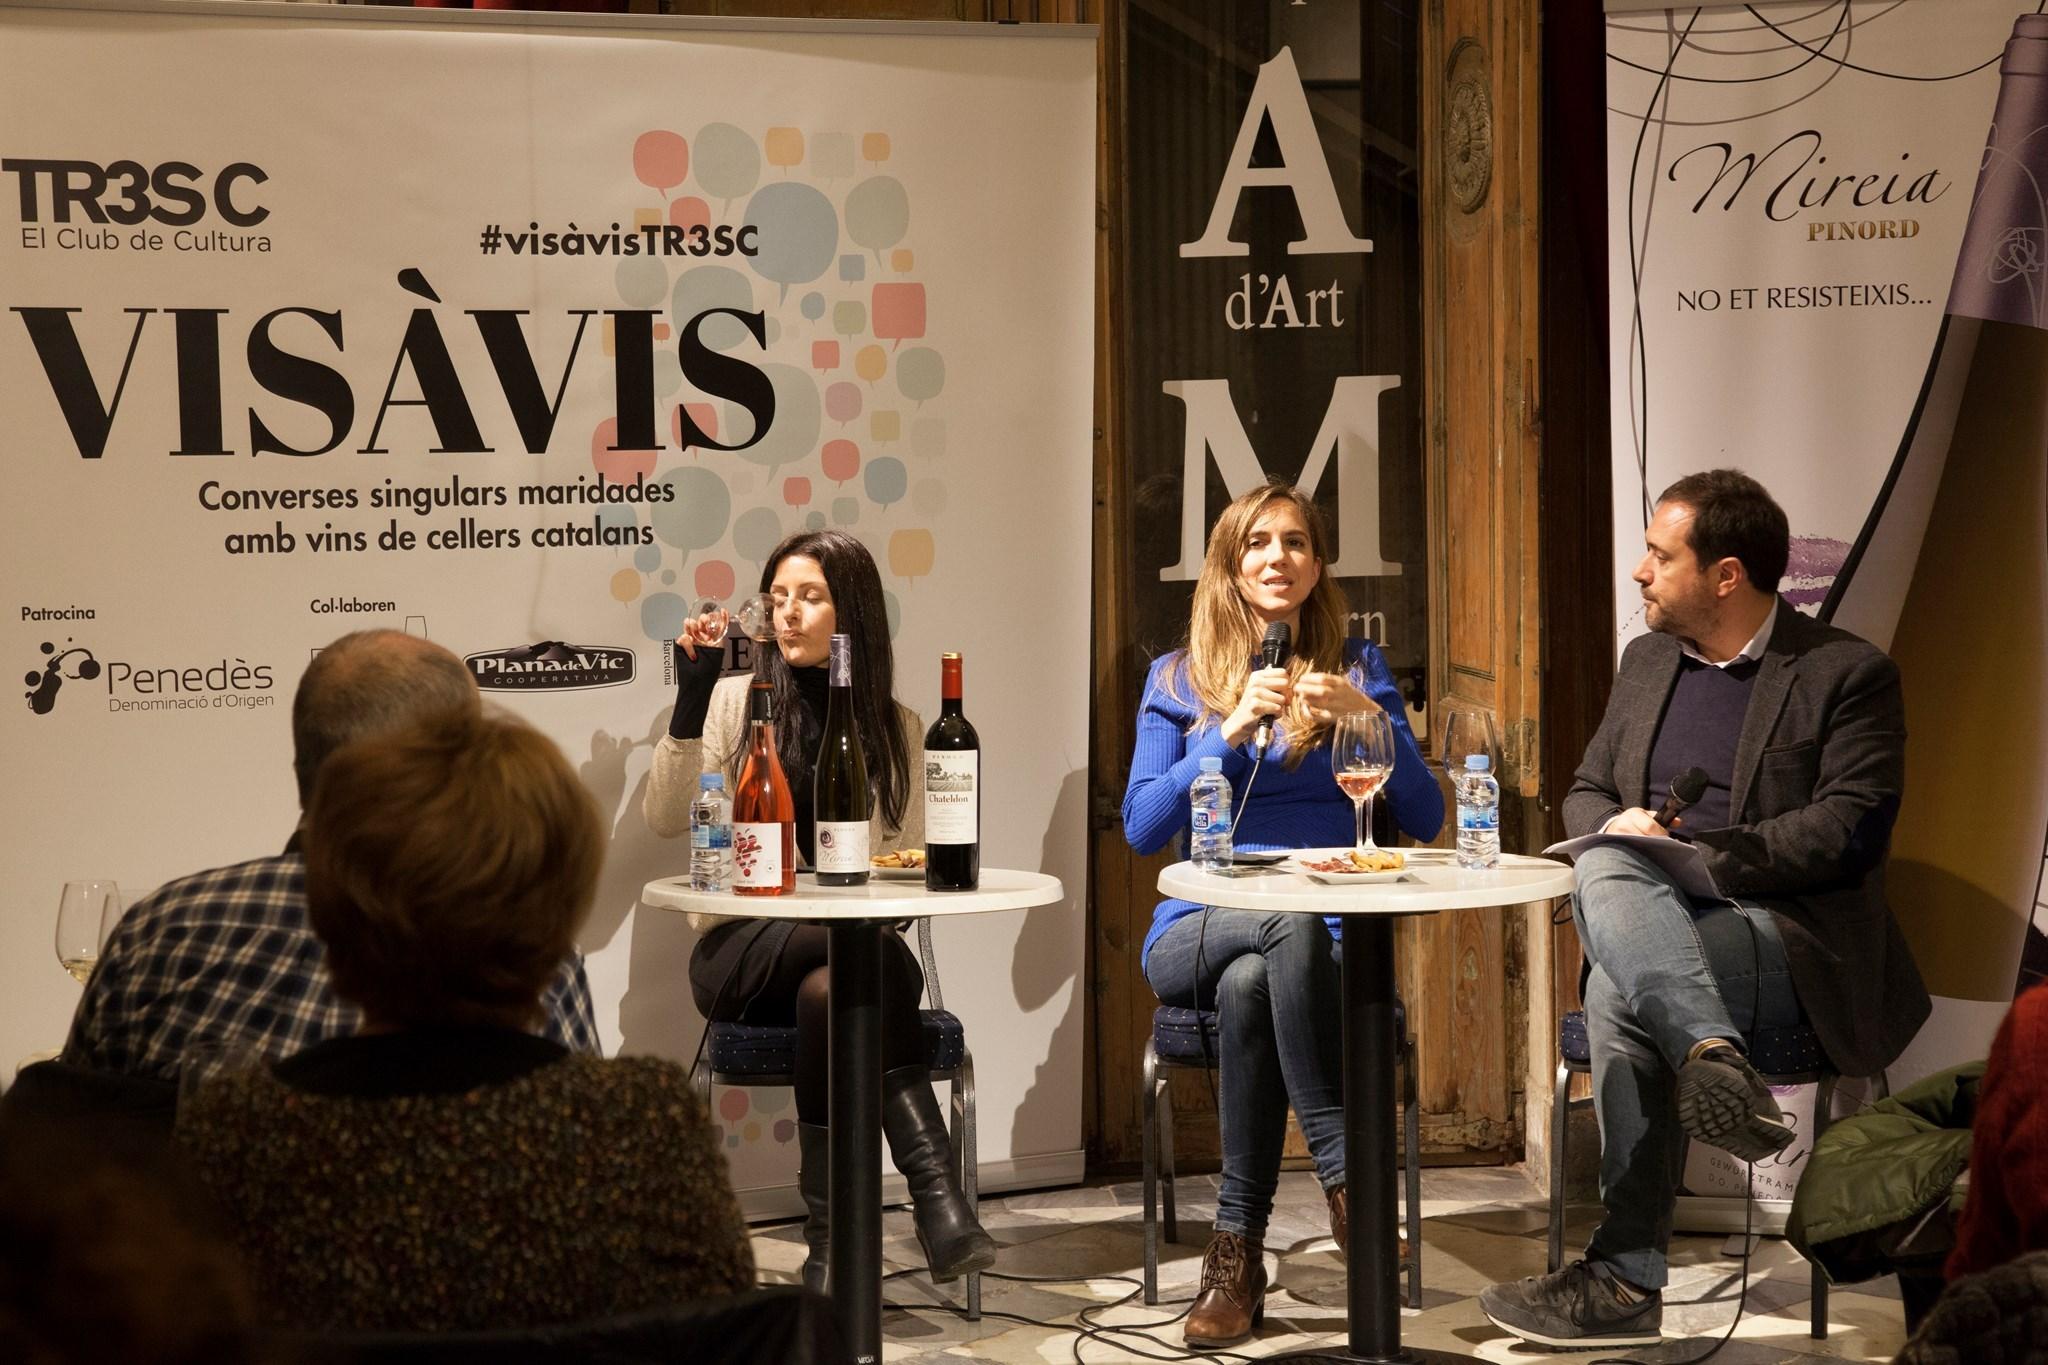 #VisàVis amb Aina Clotet i amb Bodegues Pinord